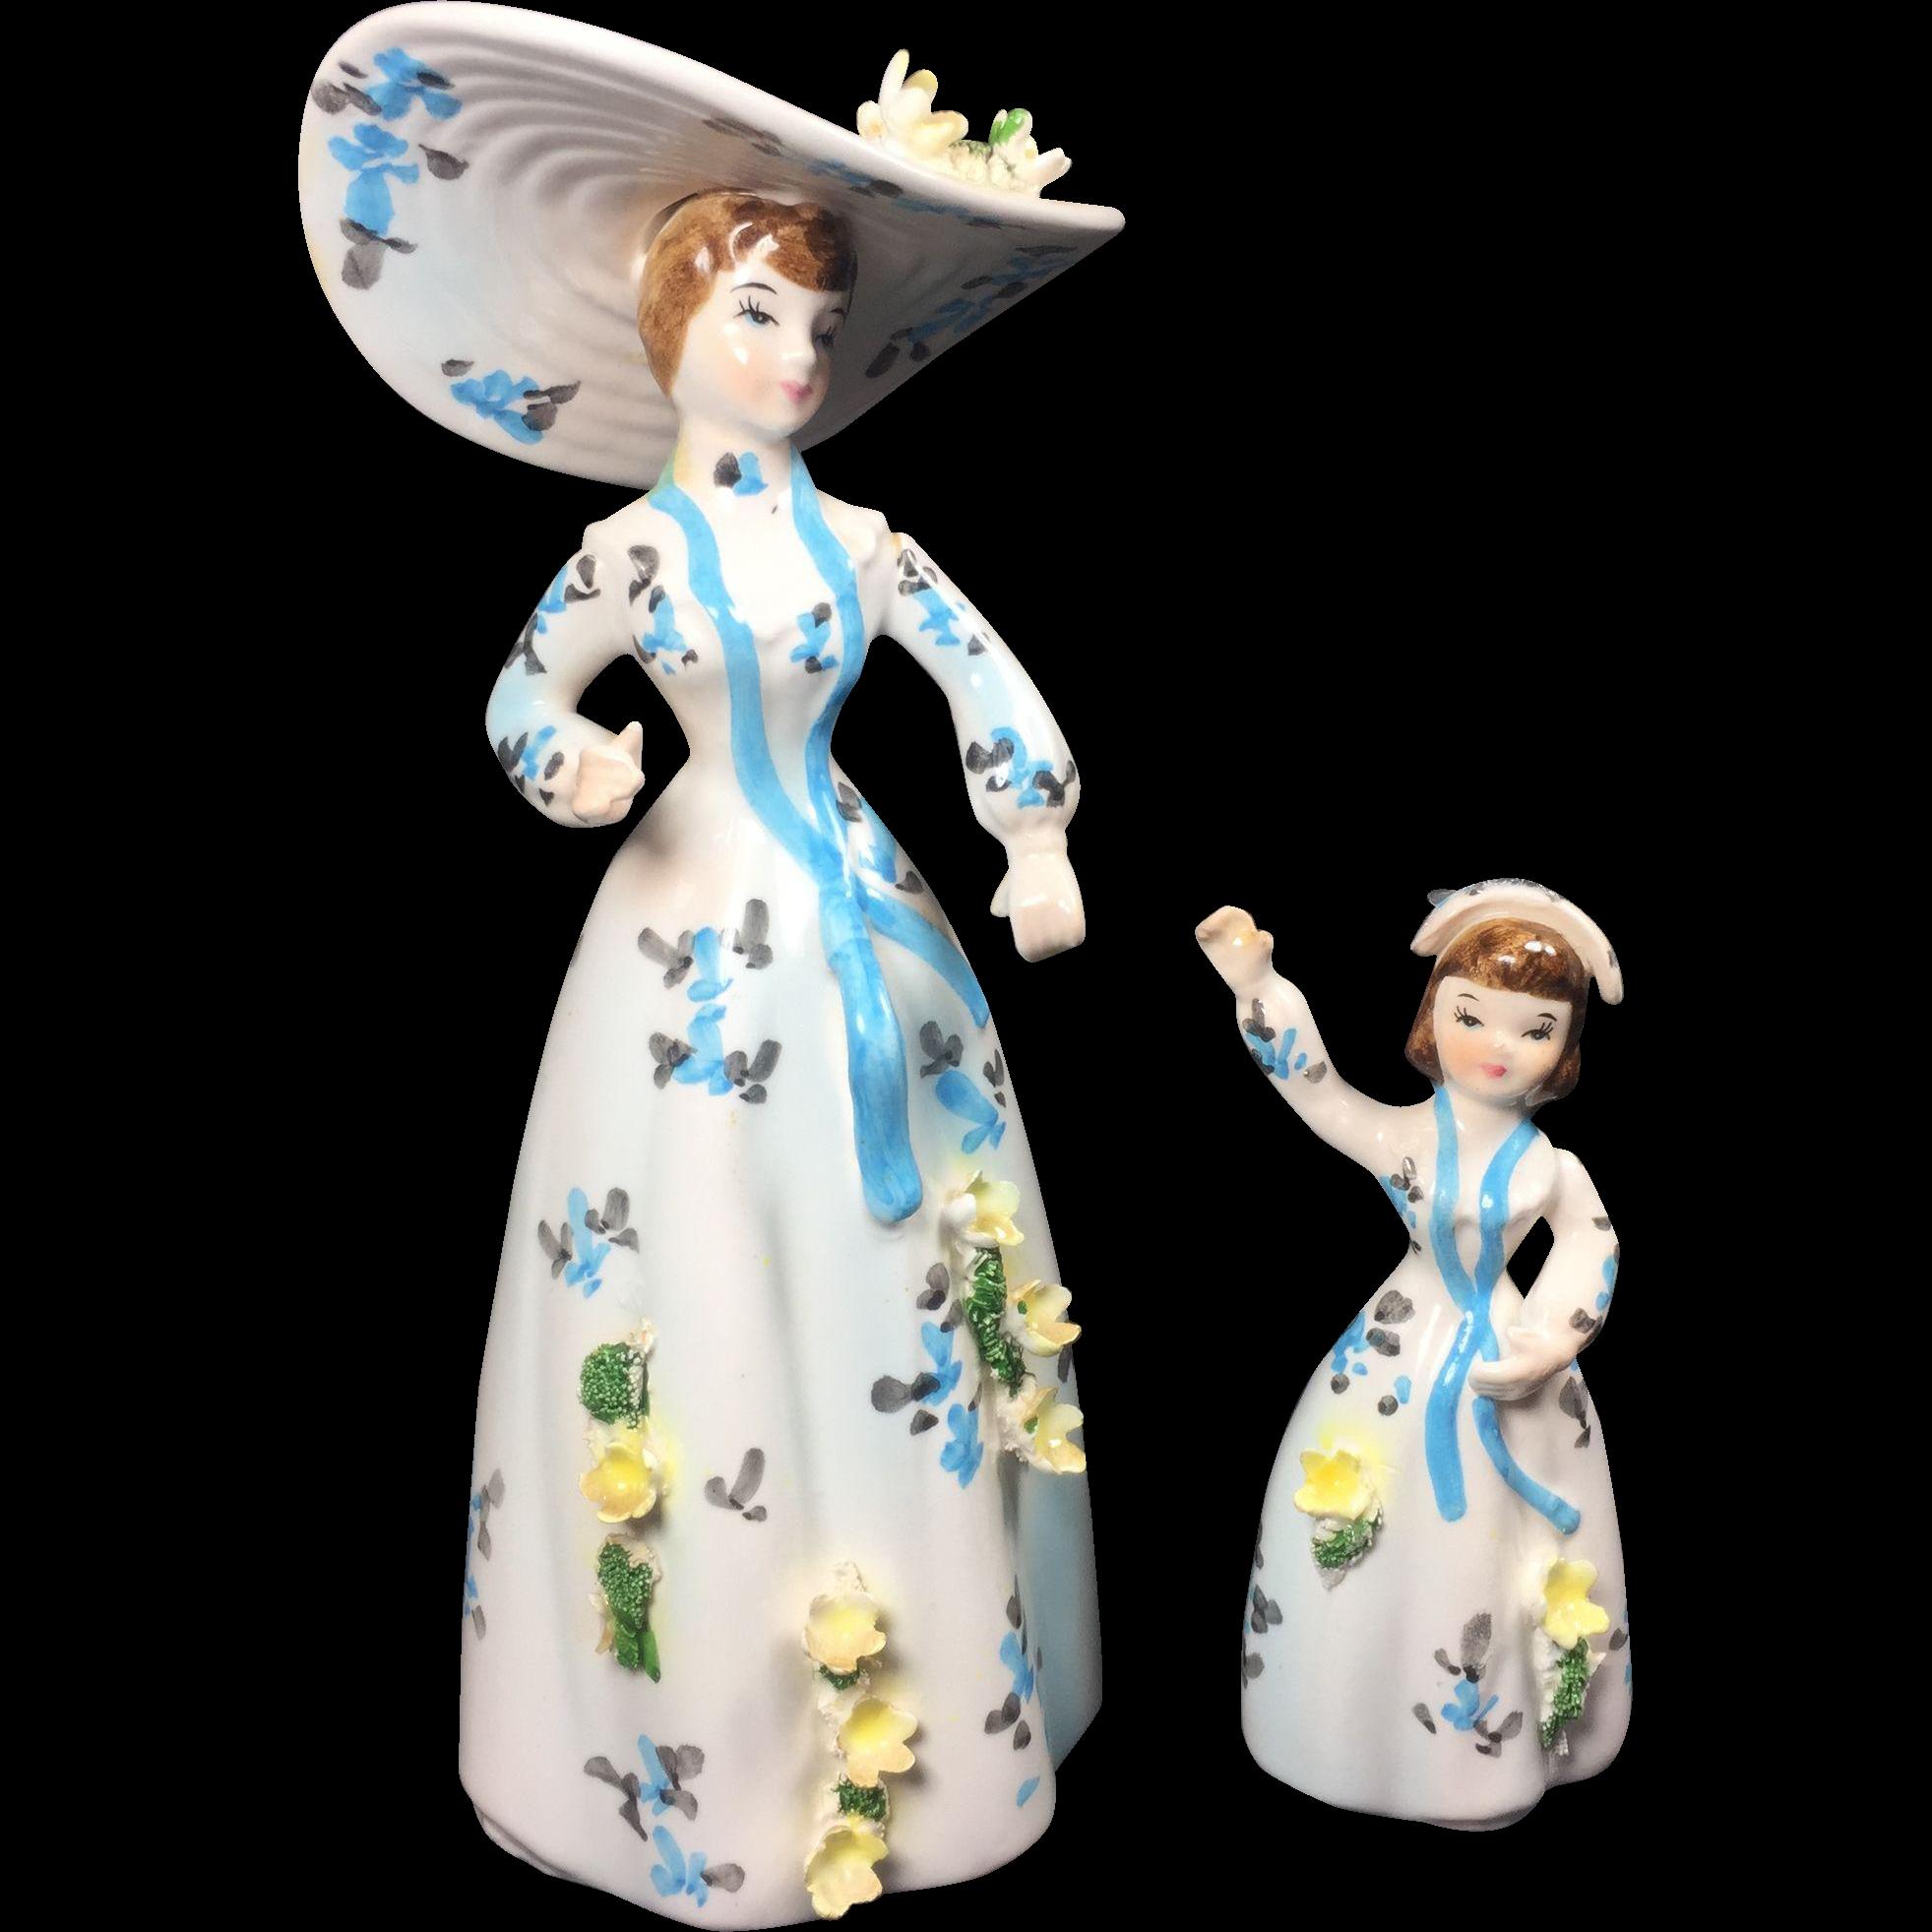 Vintage Lefton Lady & Child Figurines Match Head Vase